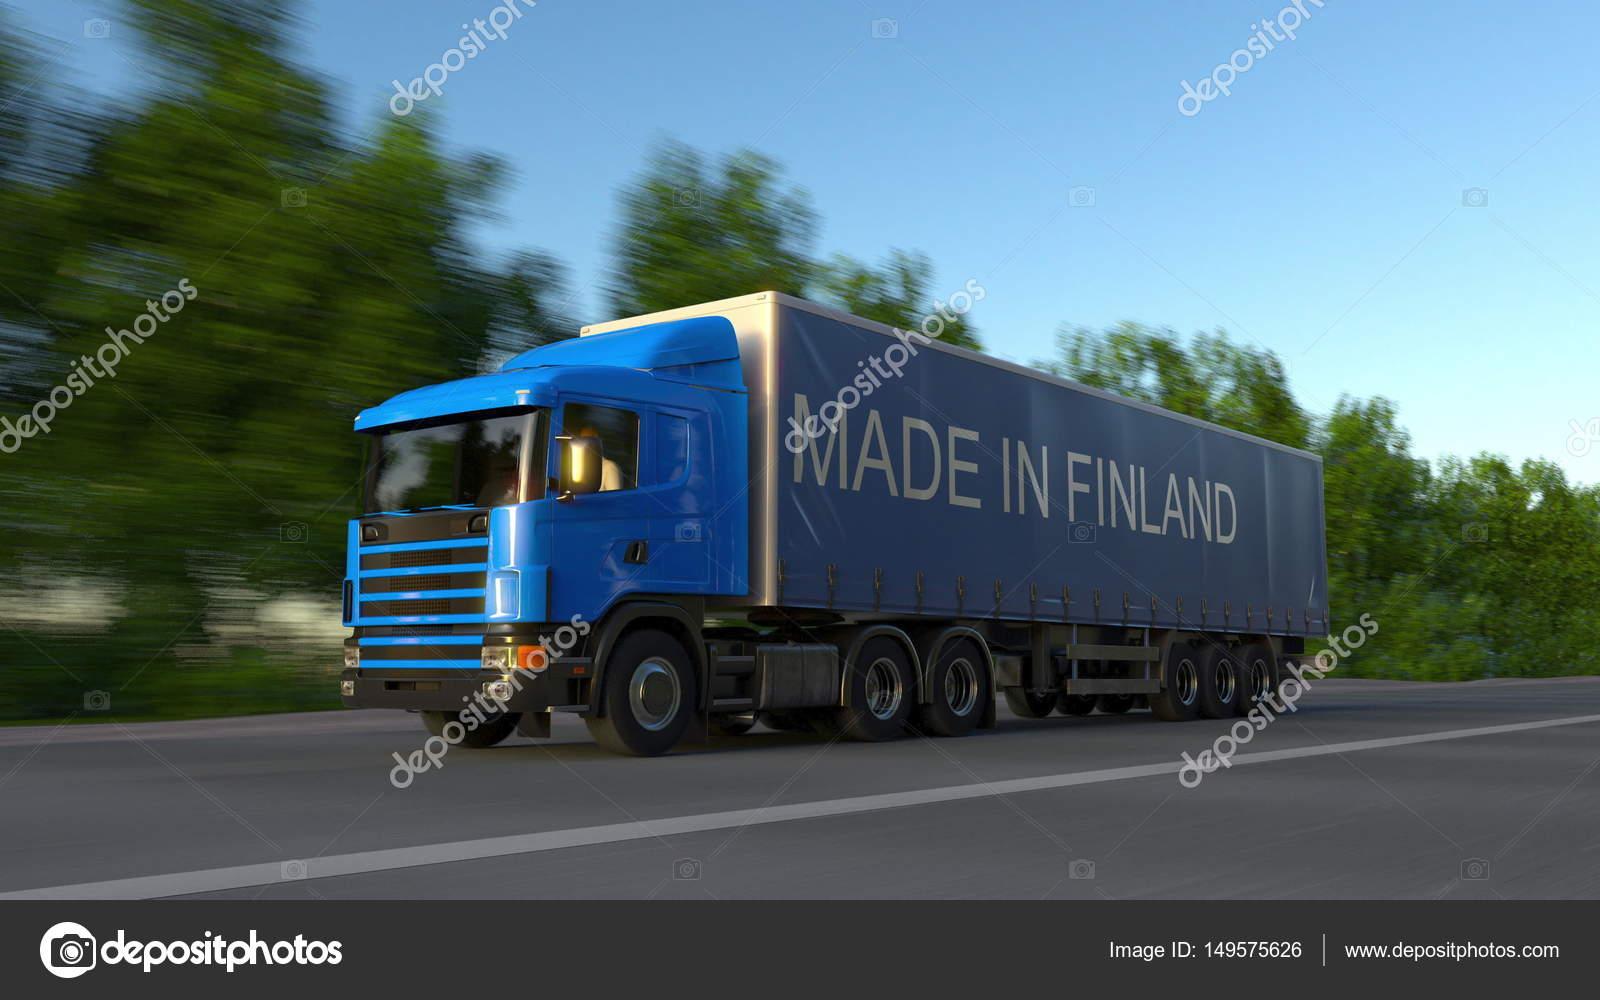 exc s de vitesse camion semi de fret avec l gende faite en finlande sur la remorque transport. Black Bedroom Furniture Sets. Home Design Ideas